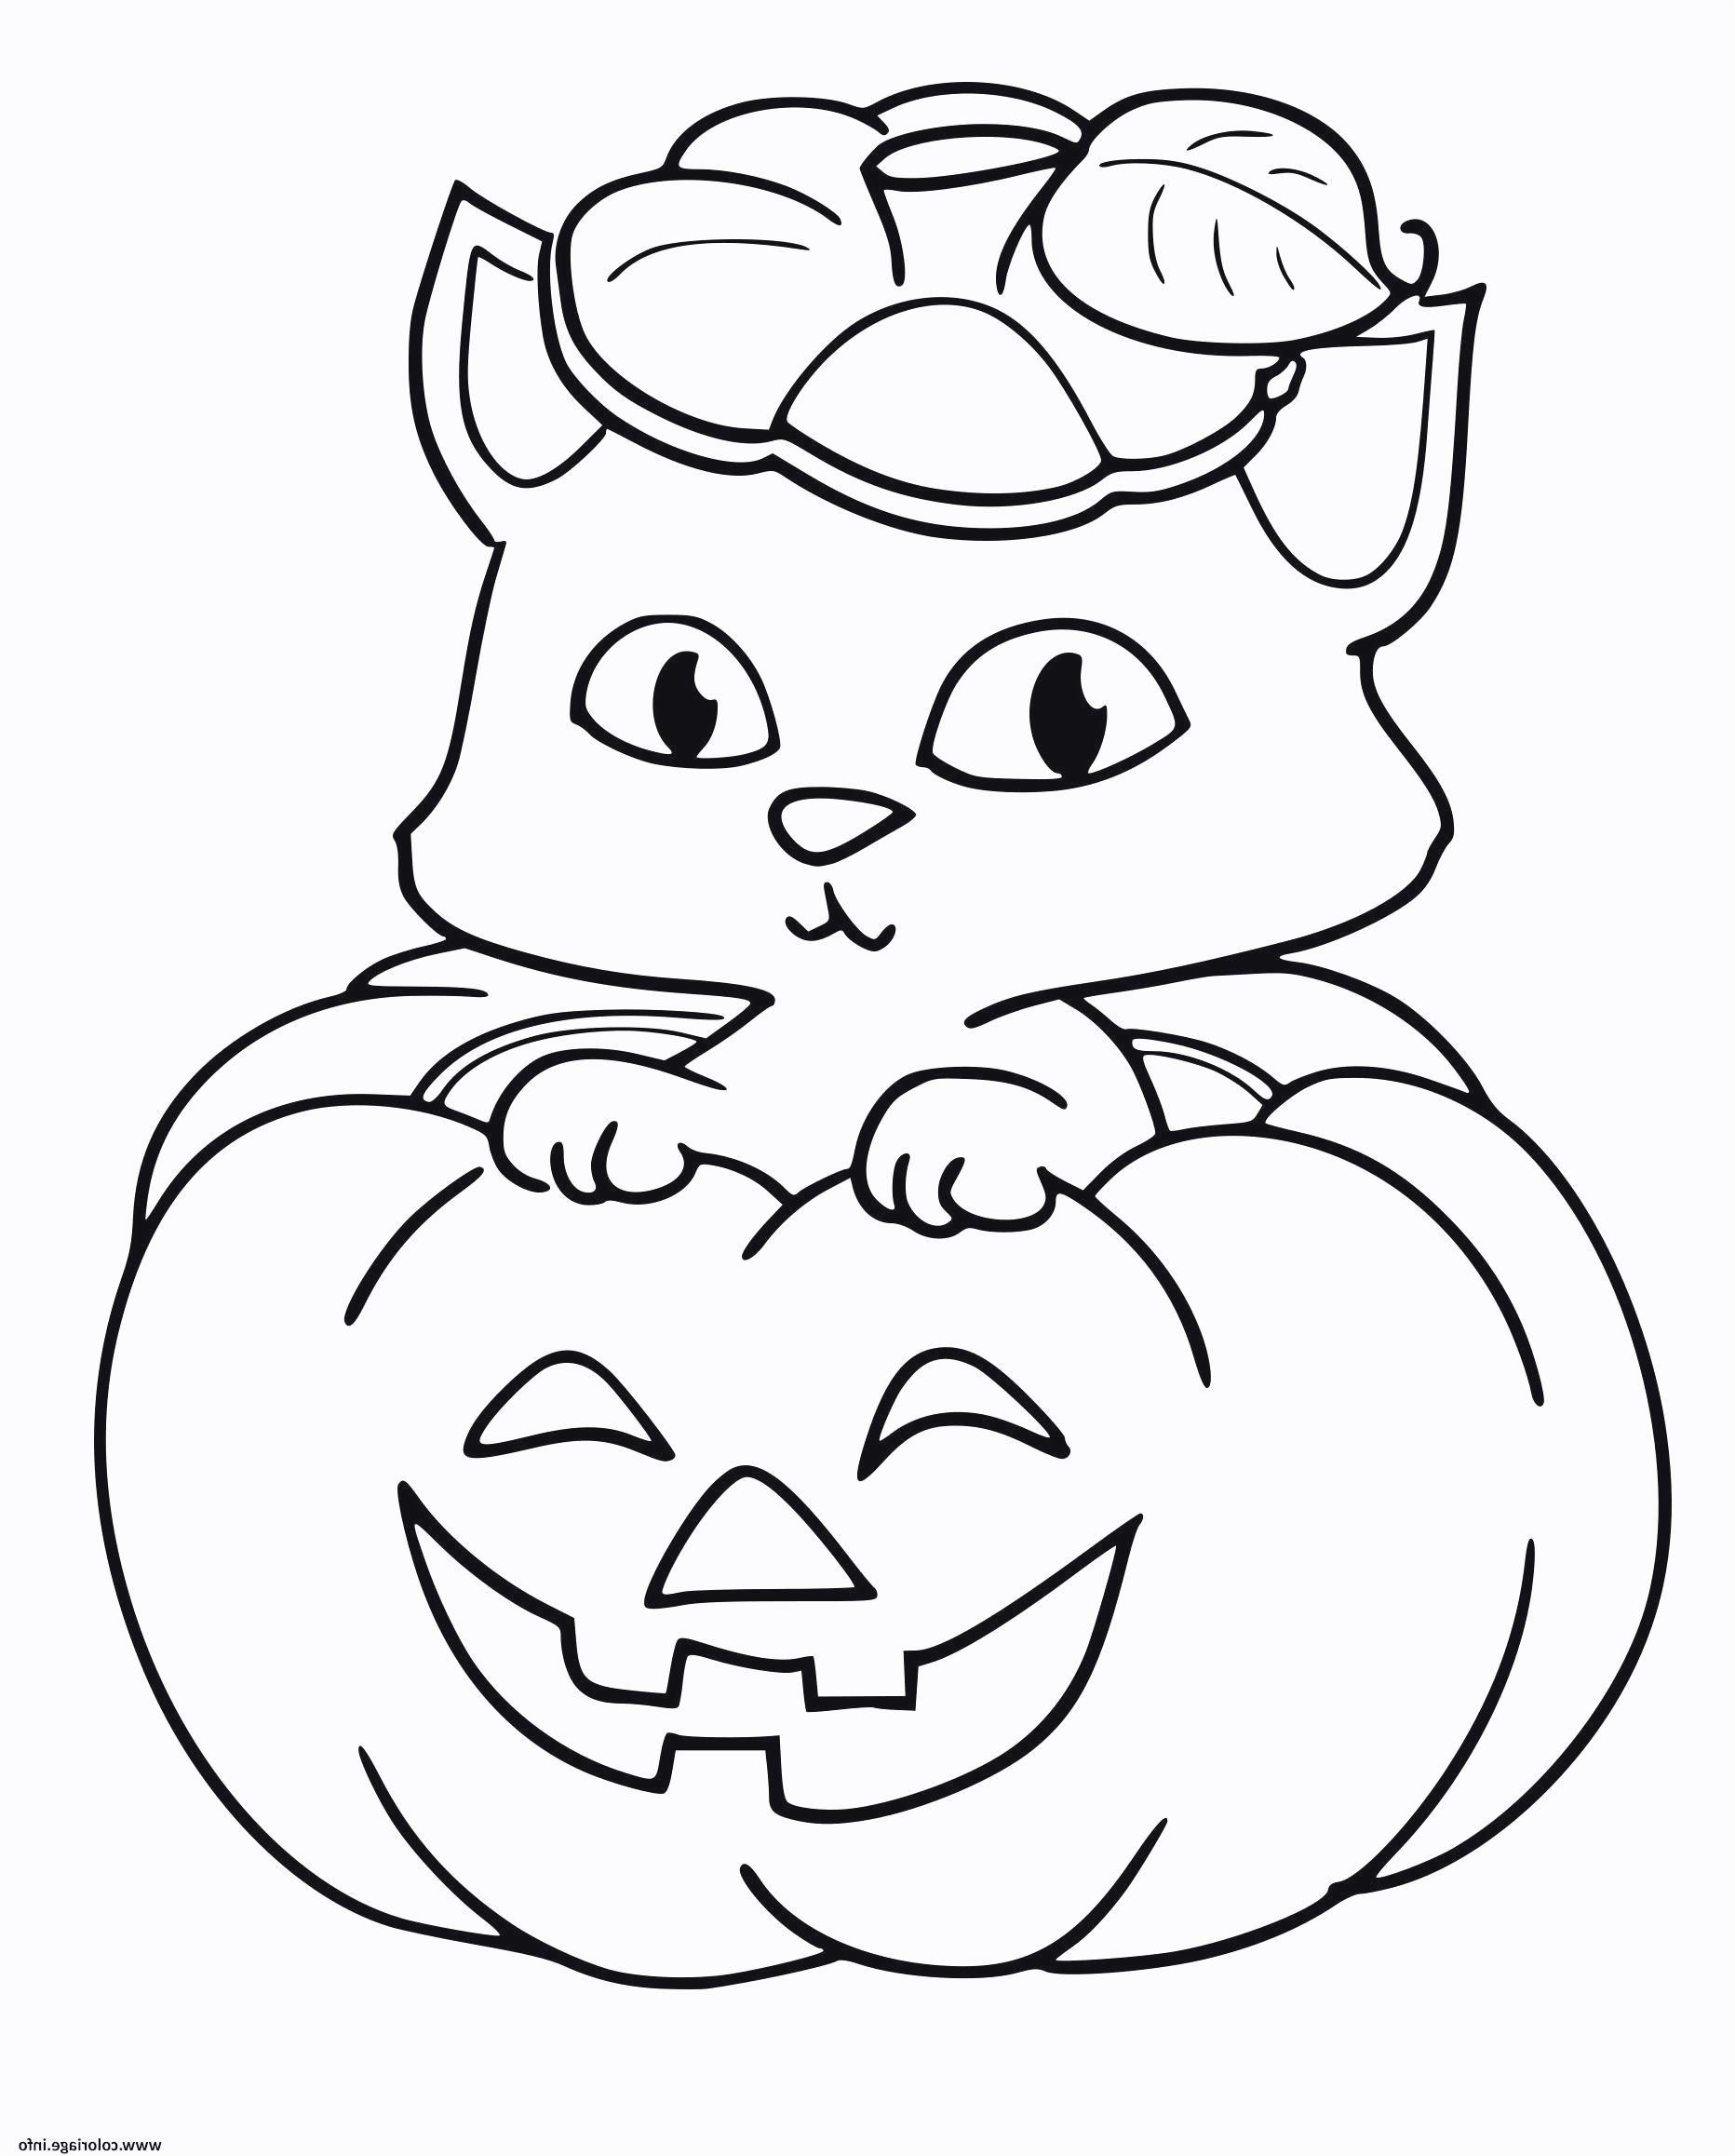 Coloriage Halloween A Imprimer Citrouille Unique Coloriage concernant Dessin Citrouille A Imprimer